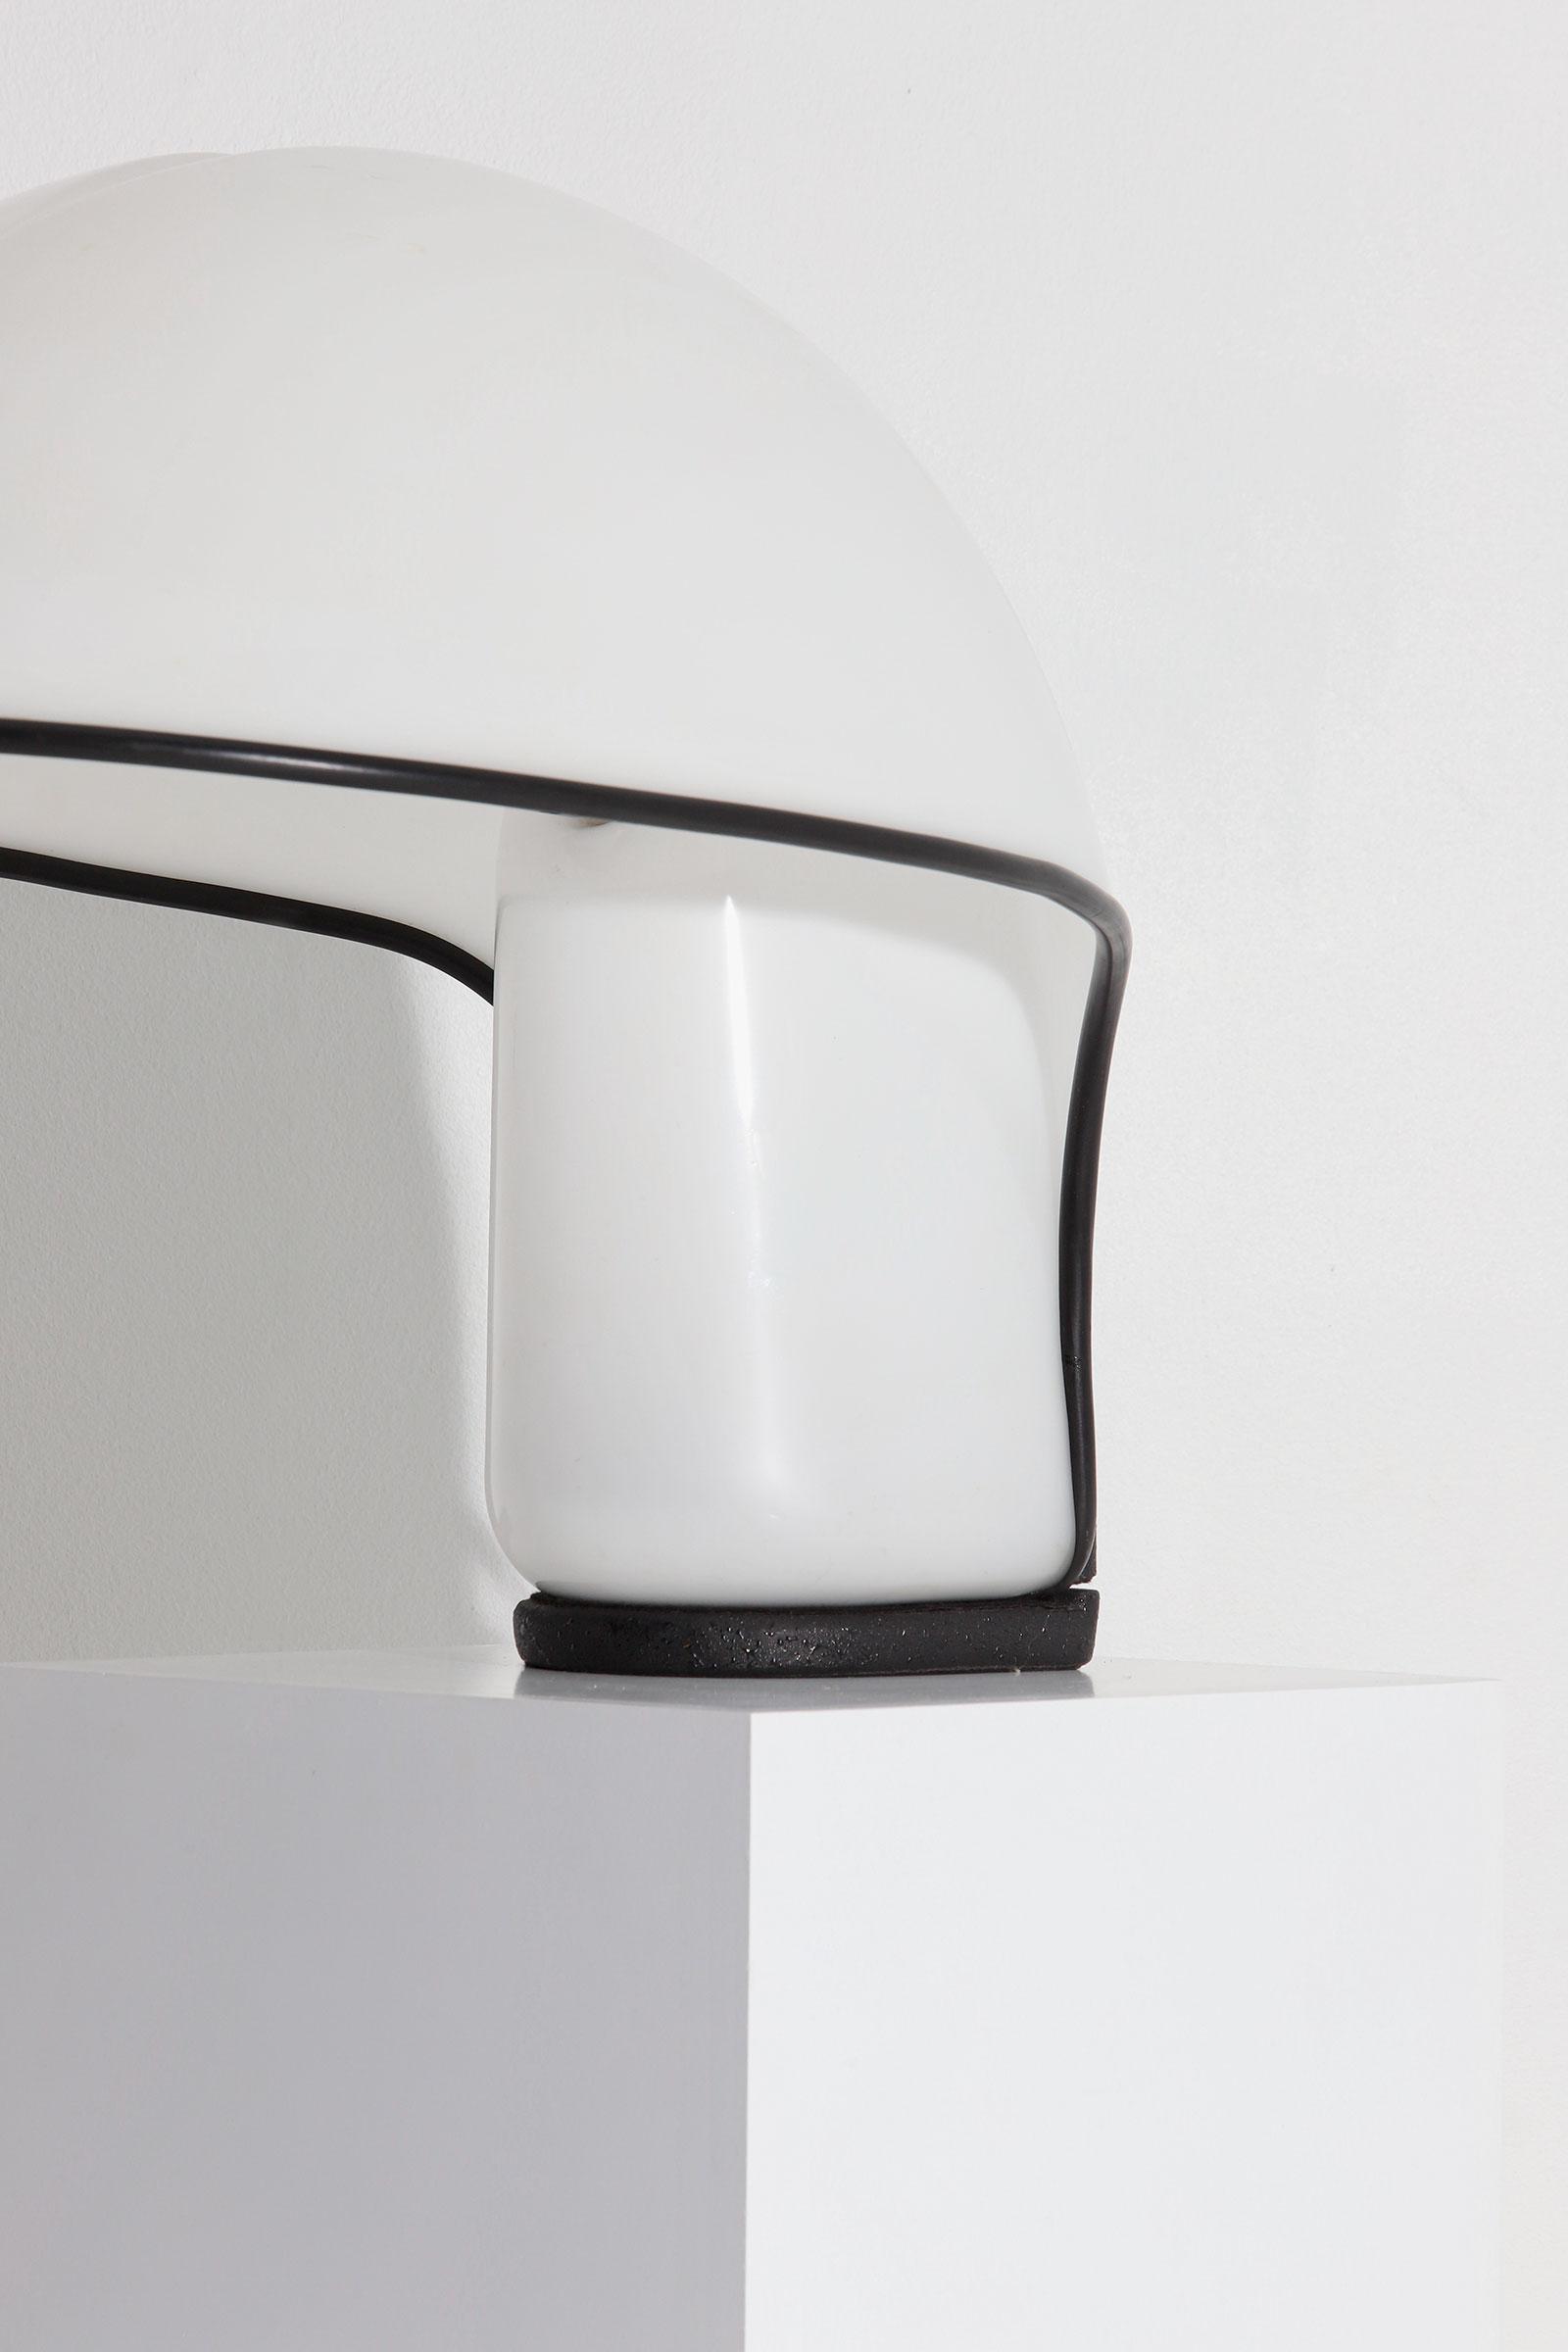 Albanella Table Lamp by Sergio Brazzoli & Ermanno Lampa for Guzziniimage 3